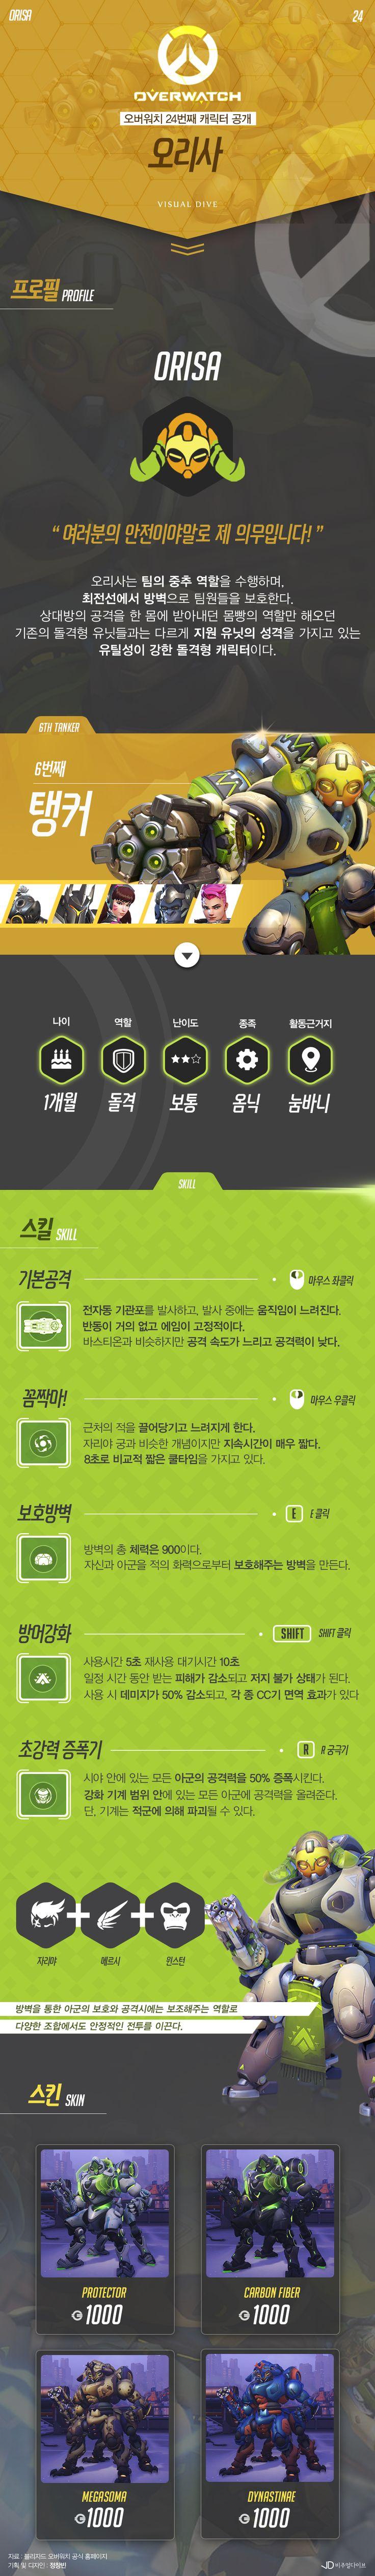 오버워치 24번째 신규 영웅 '오리사' 스킬 정리 [인포그래픽] | 비주얼다이브